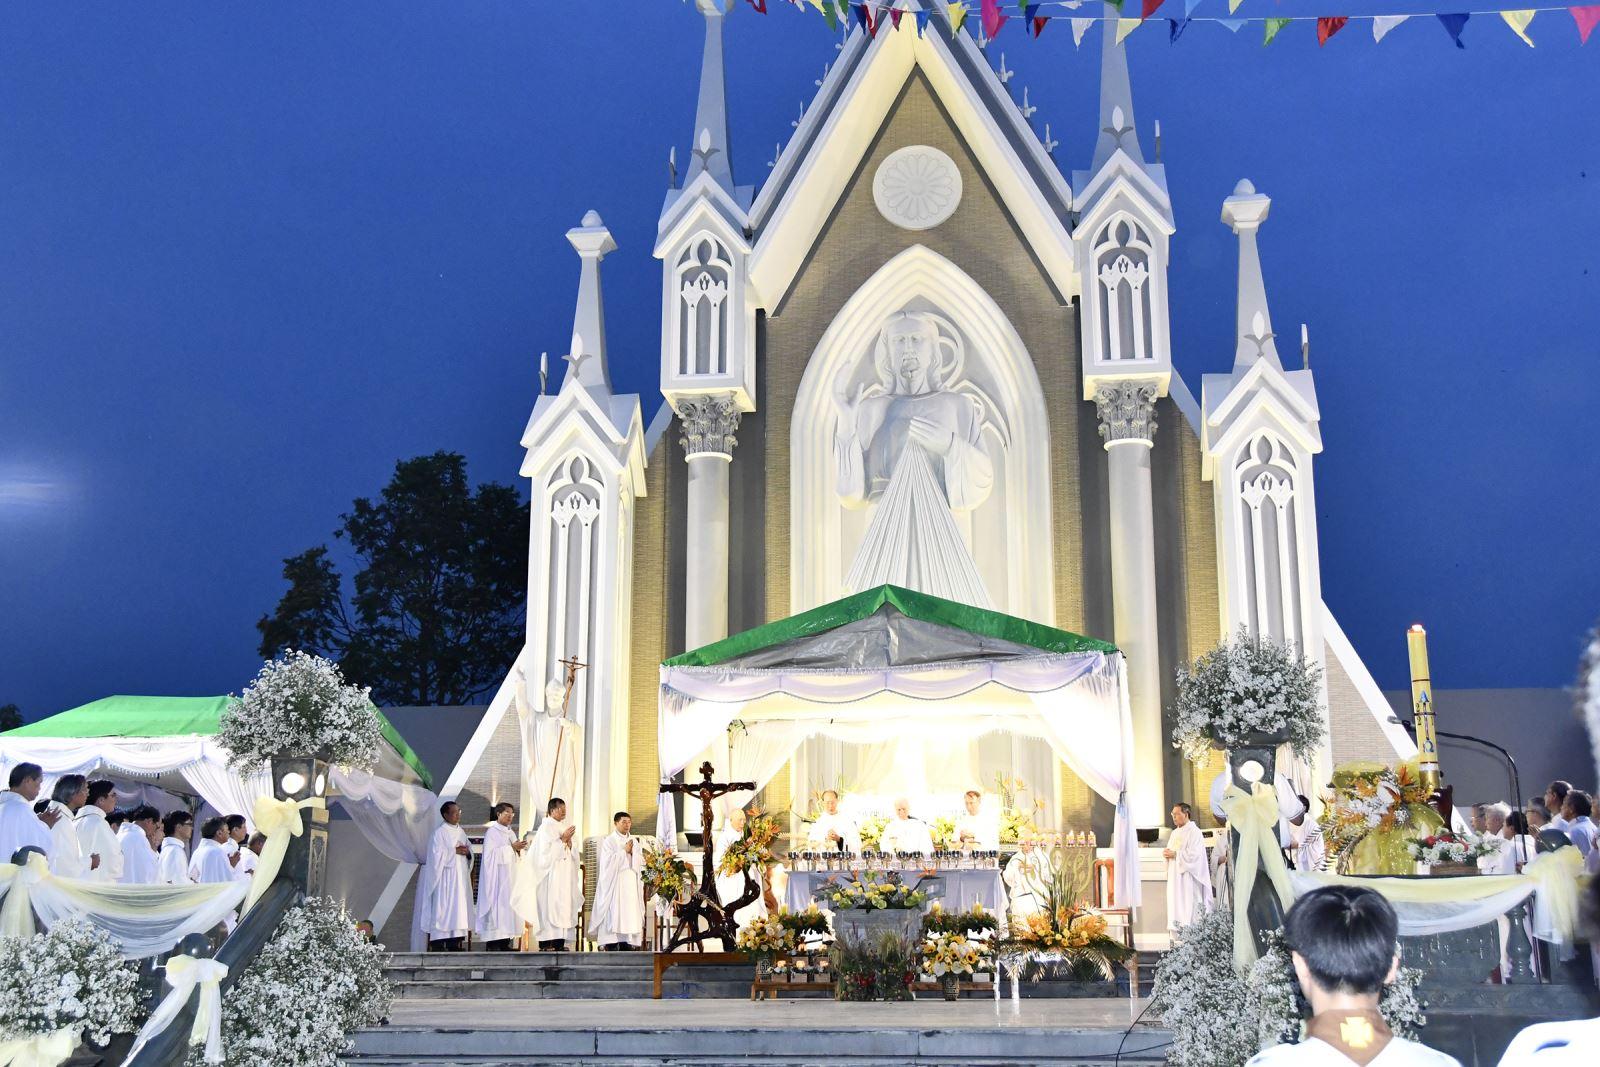 Ngày Hành Hương Lòng Chúa Thương Xót và Thánh Lễ Mừng Kim Khánh Linh Mục Đức Cha Giuse Đinh Đức Đạo